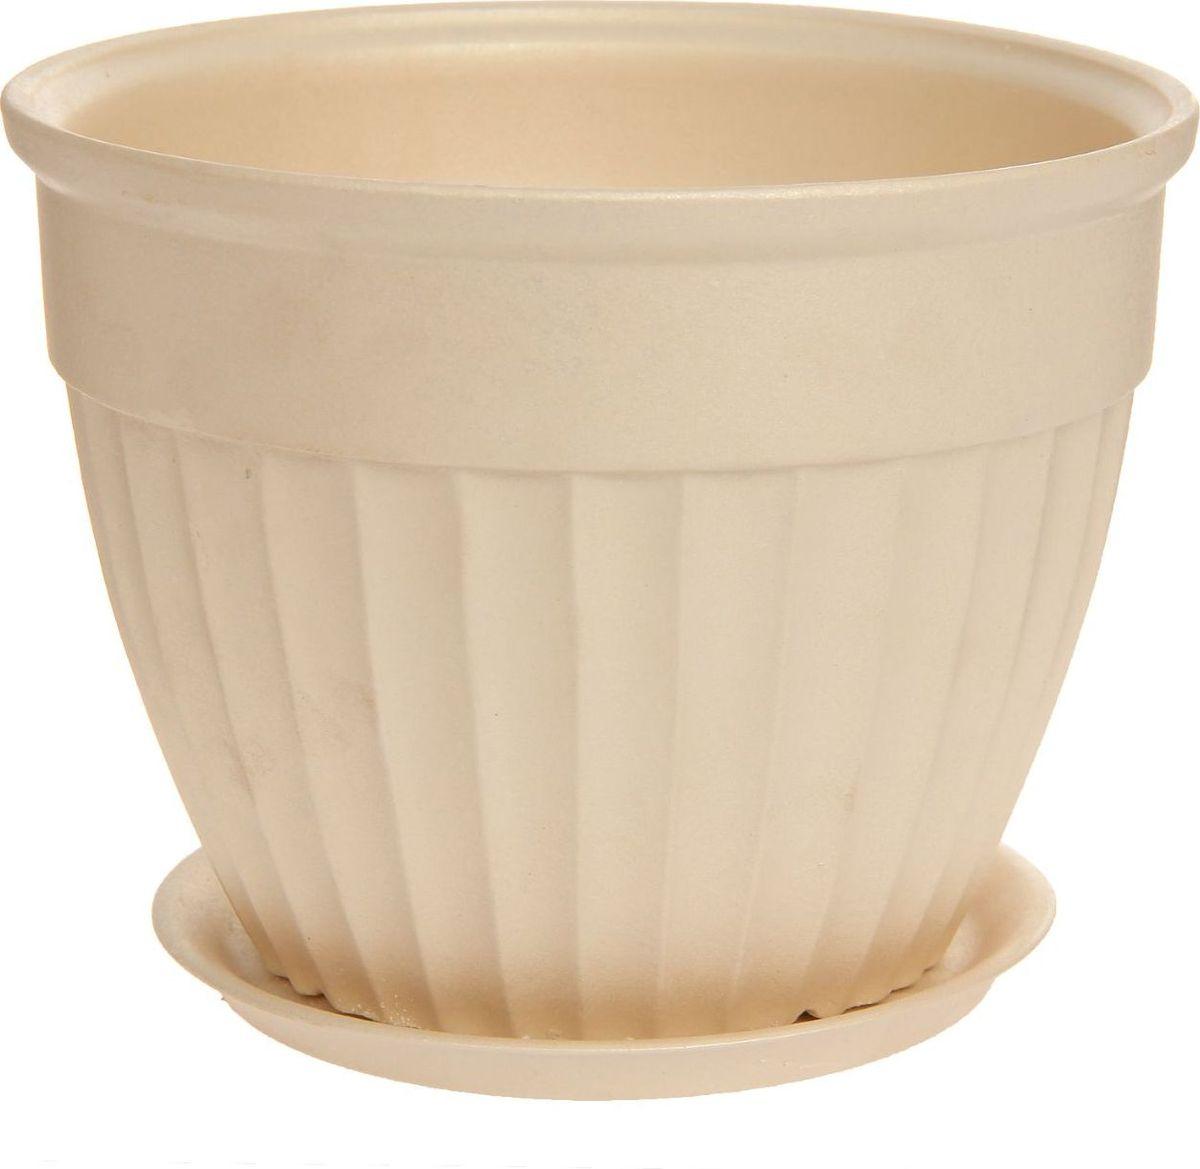 Кашпо Керамика ручной работы Ромашка, цвет: перламутровый, 21 х 21 х 16 см1170402Комнатные растения — всеобщие любимцы. Они радуют глаз, насыщают помещение кислородом и украшают пространство. Каждому из них необходим свой удобный и красивый дом. Кашпо из керамики прекрасно подходят для высадки растений: за счет пластичности глины и разных способов обработки существует великое множество форм и дизайнов пористый материал позволяет испаряться лишней влаге воздух, необходимый для дыхания корней, проникает сквозь керамические стенки! позаботится о зеленом питомце, освежит интерьер и подчеркнет его стиль.